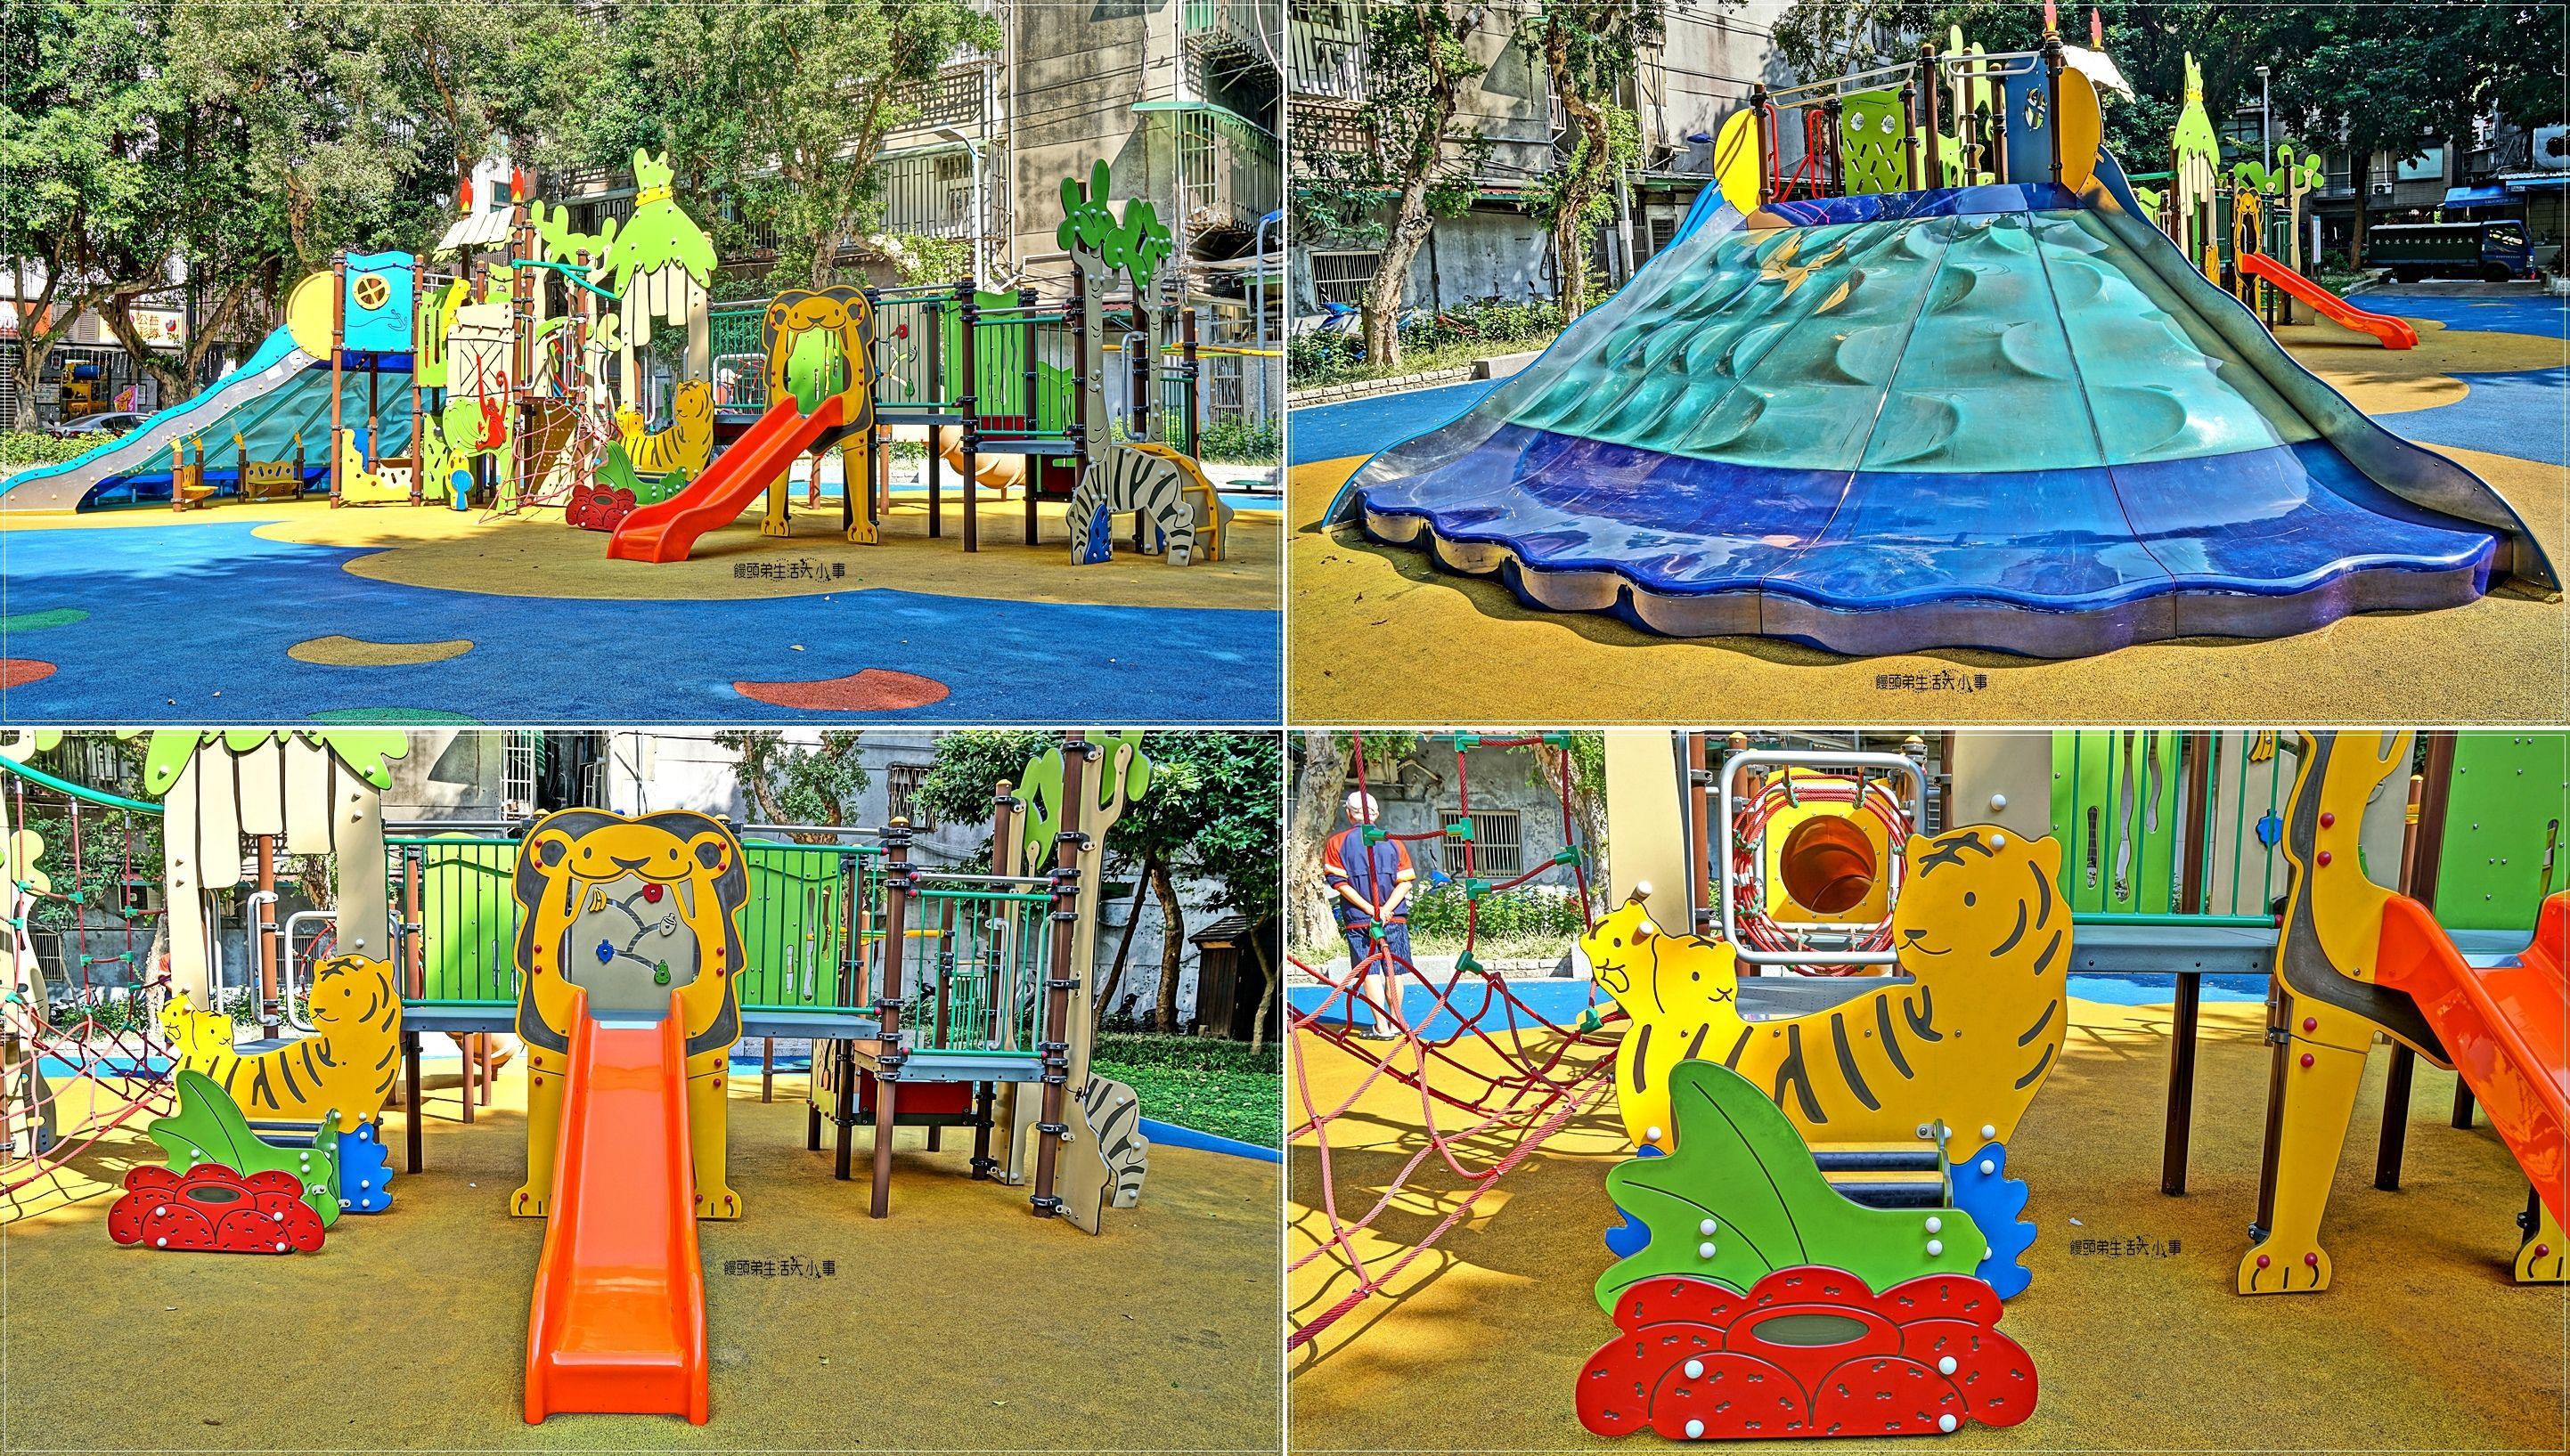 【台北景點】晴光公園/中山國小捷運站~童玩趣味公園,寬面波浪溜滑梯、攀爬網、水管溜滑梯、單槓,迷你設計適合小孩玩耍